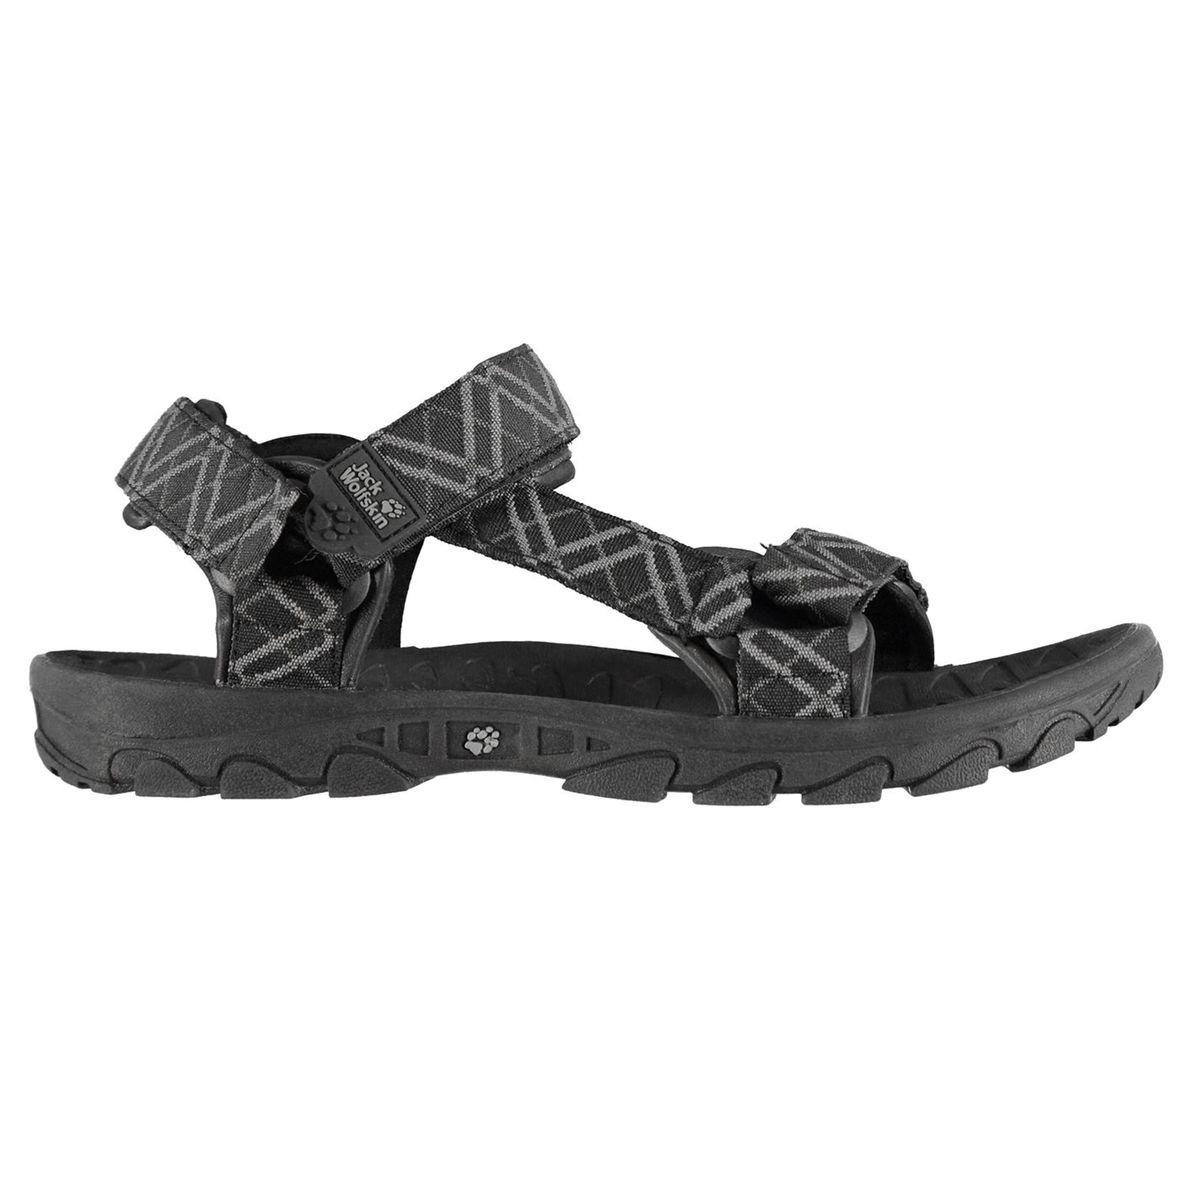 Sandales sportives de randonnée